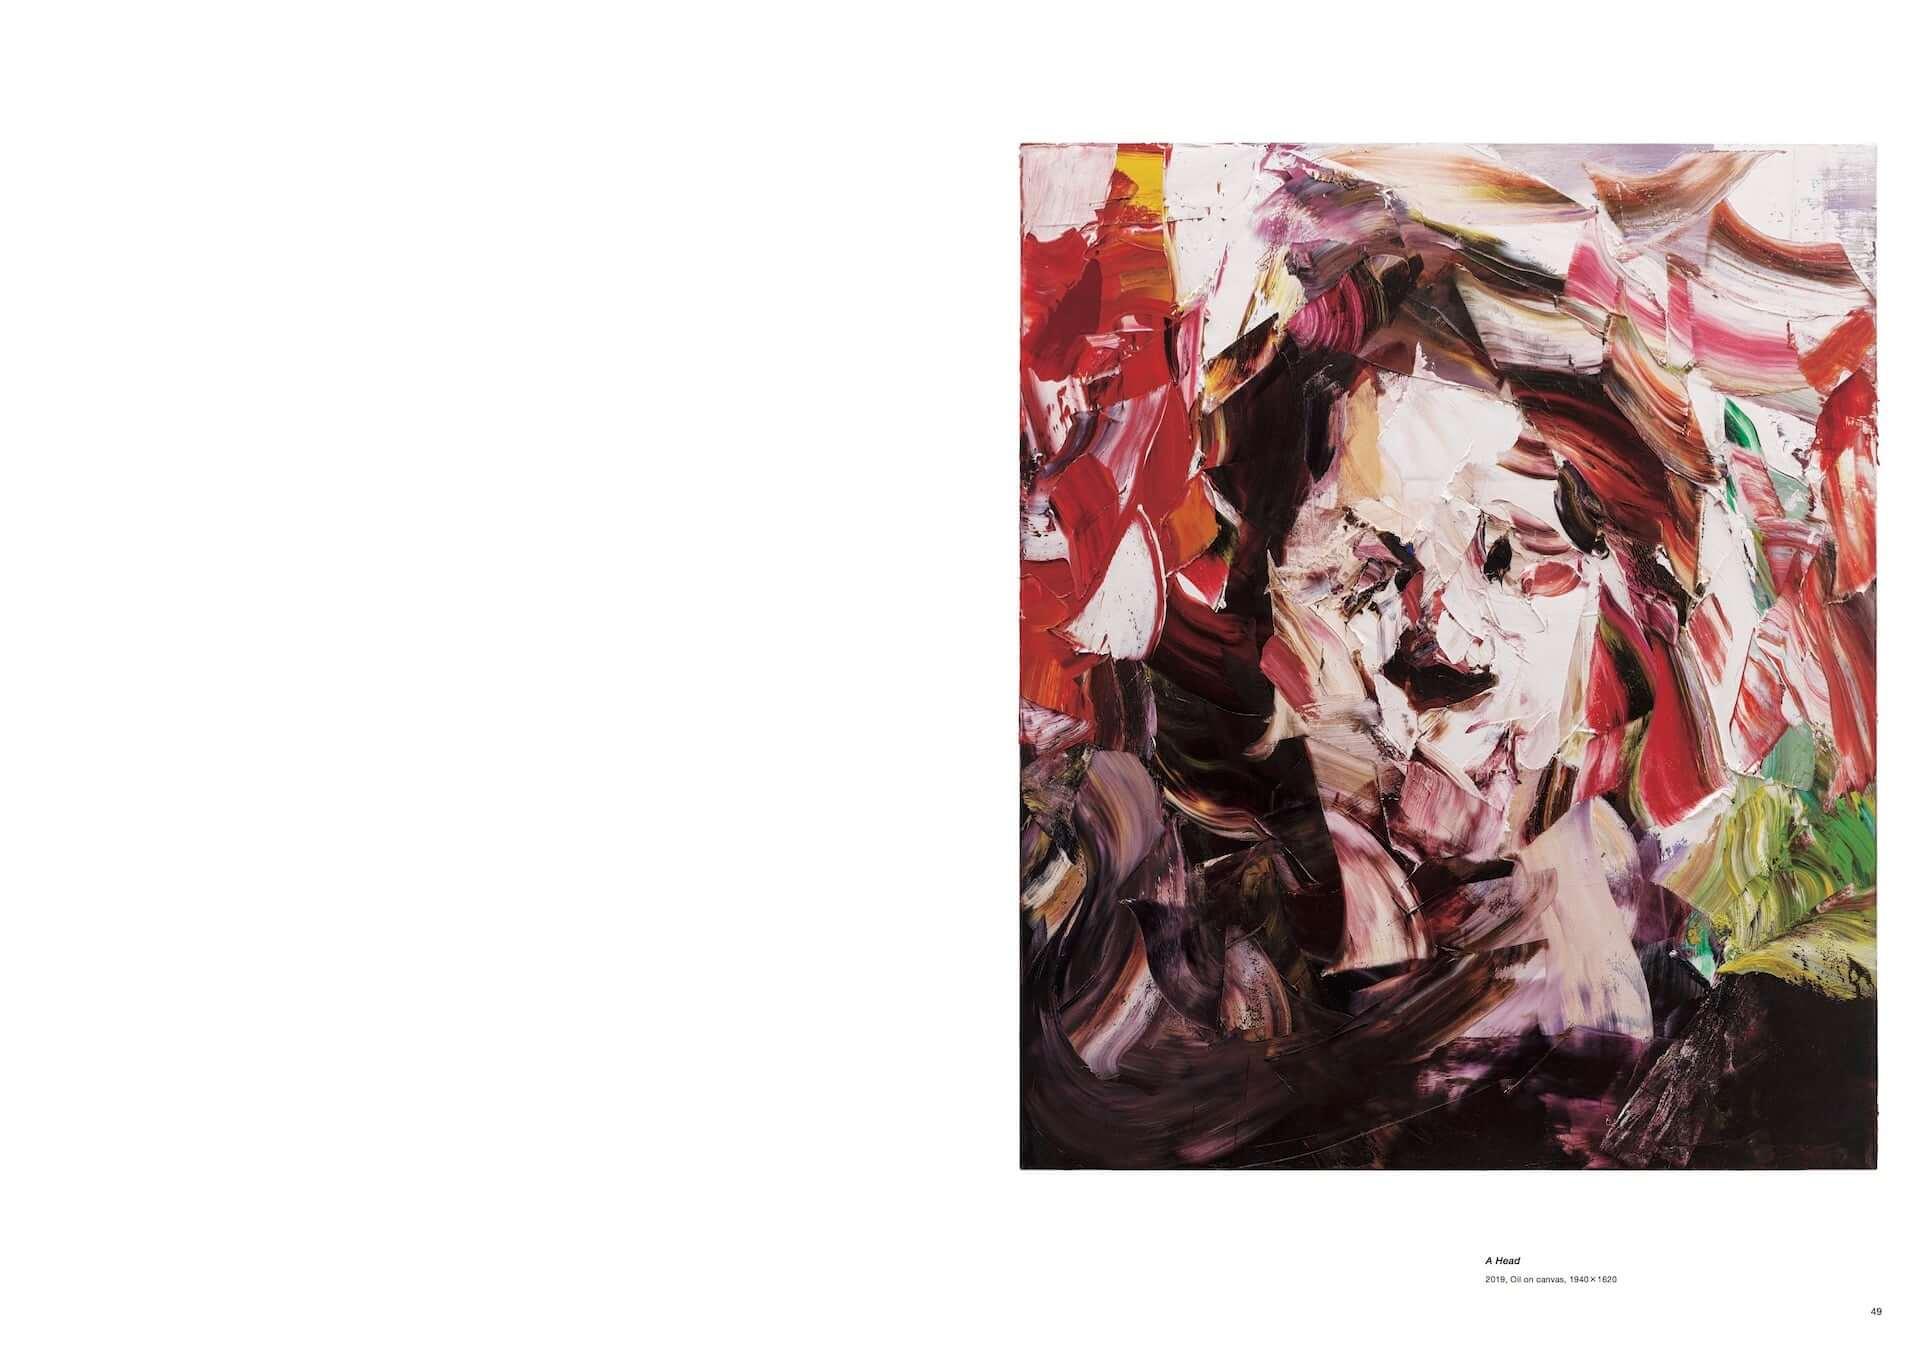 アンディ・ウォーホルの肖像画などを描く井田幸昌の作品集が美術出版社より刊行決定|井田「生きて出会う事象を残したい」 art200514_crystallization_3-1920x1347